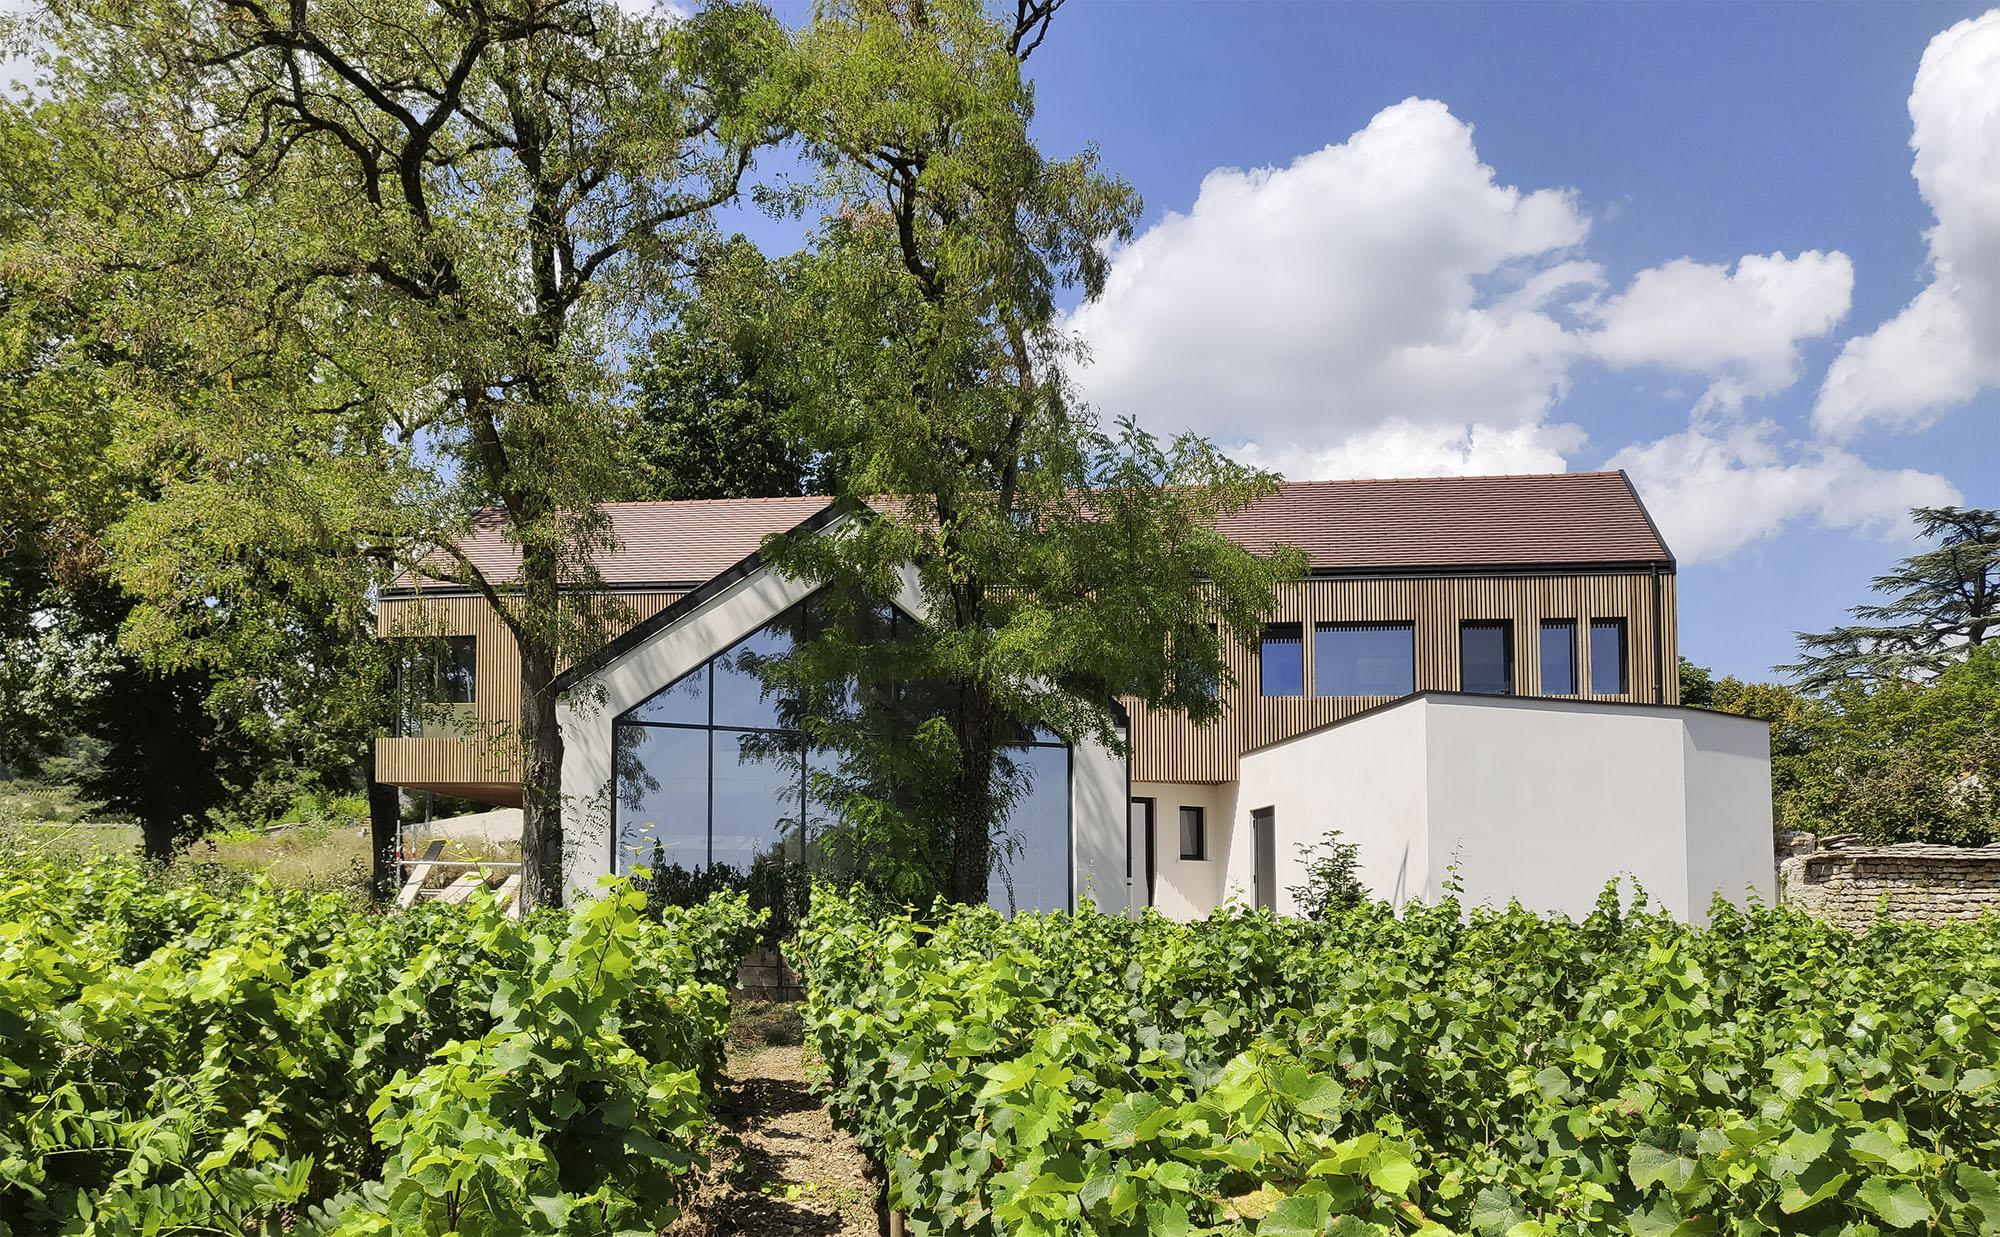 Chouette-architecture-villa-Fixin-2000-13